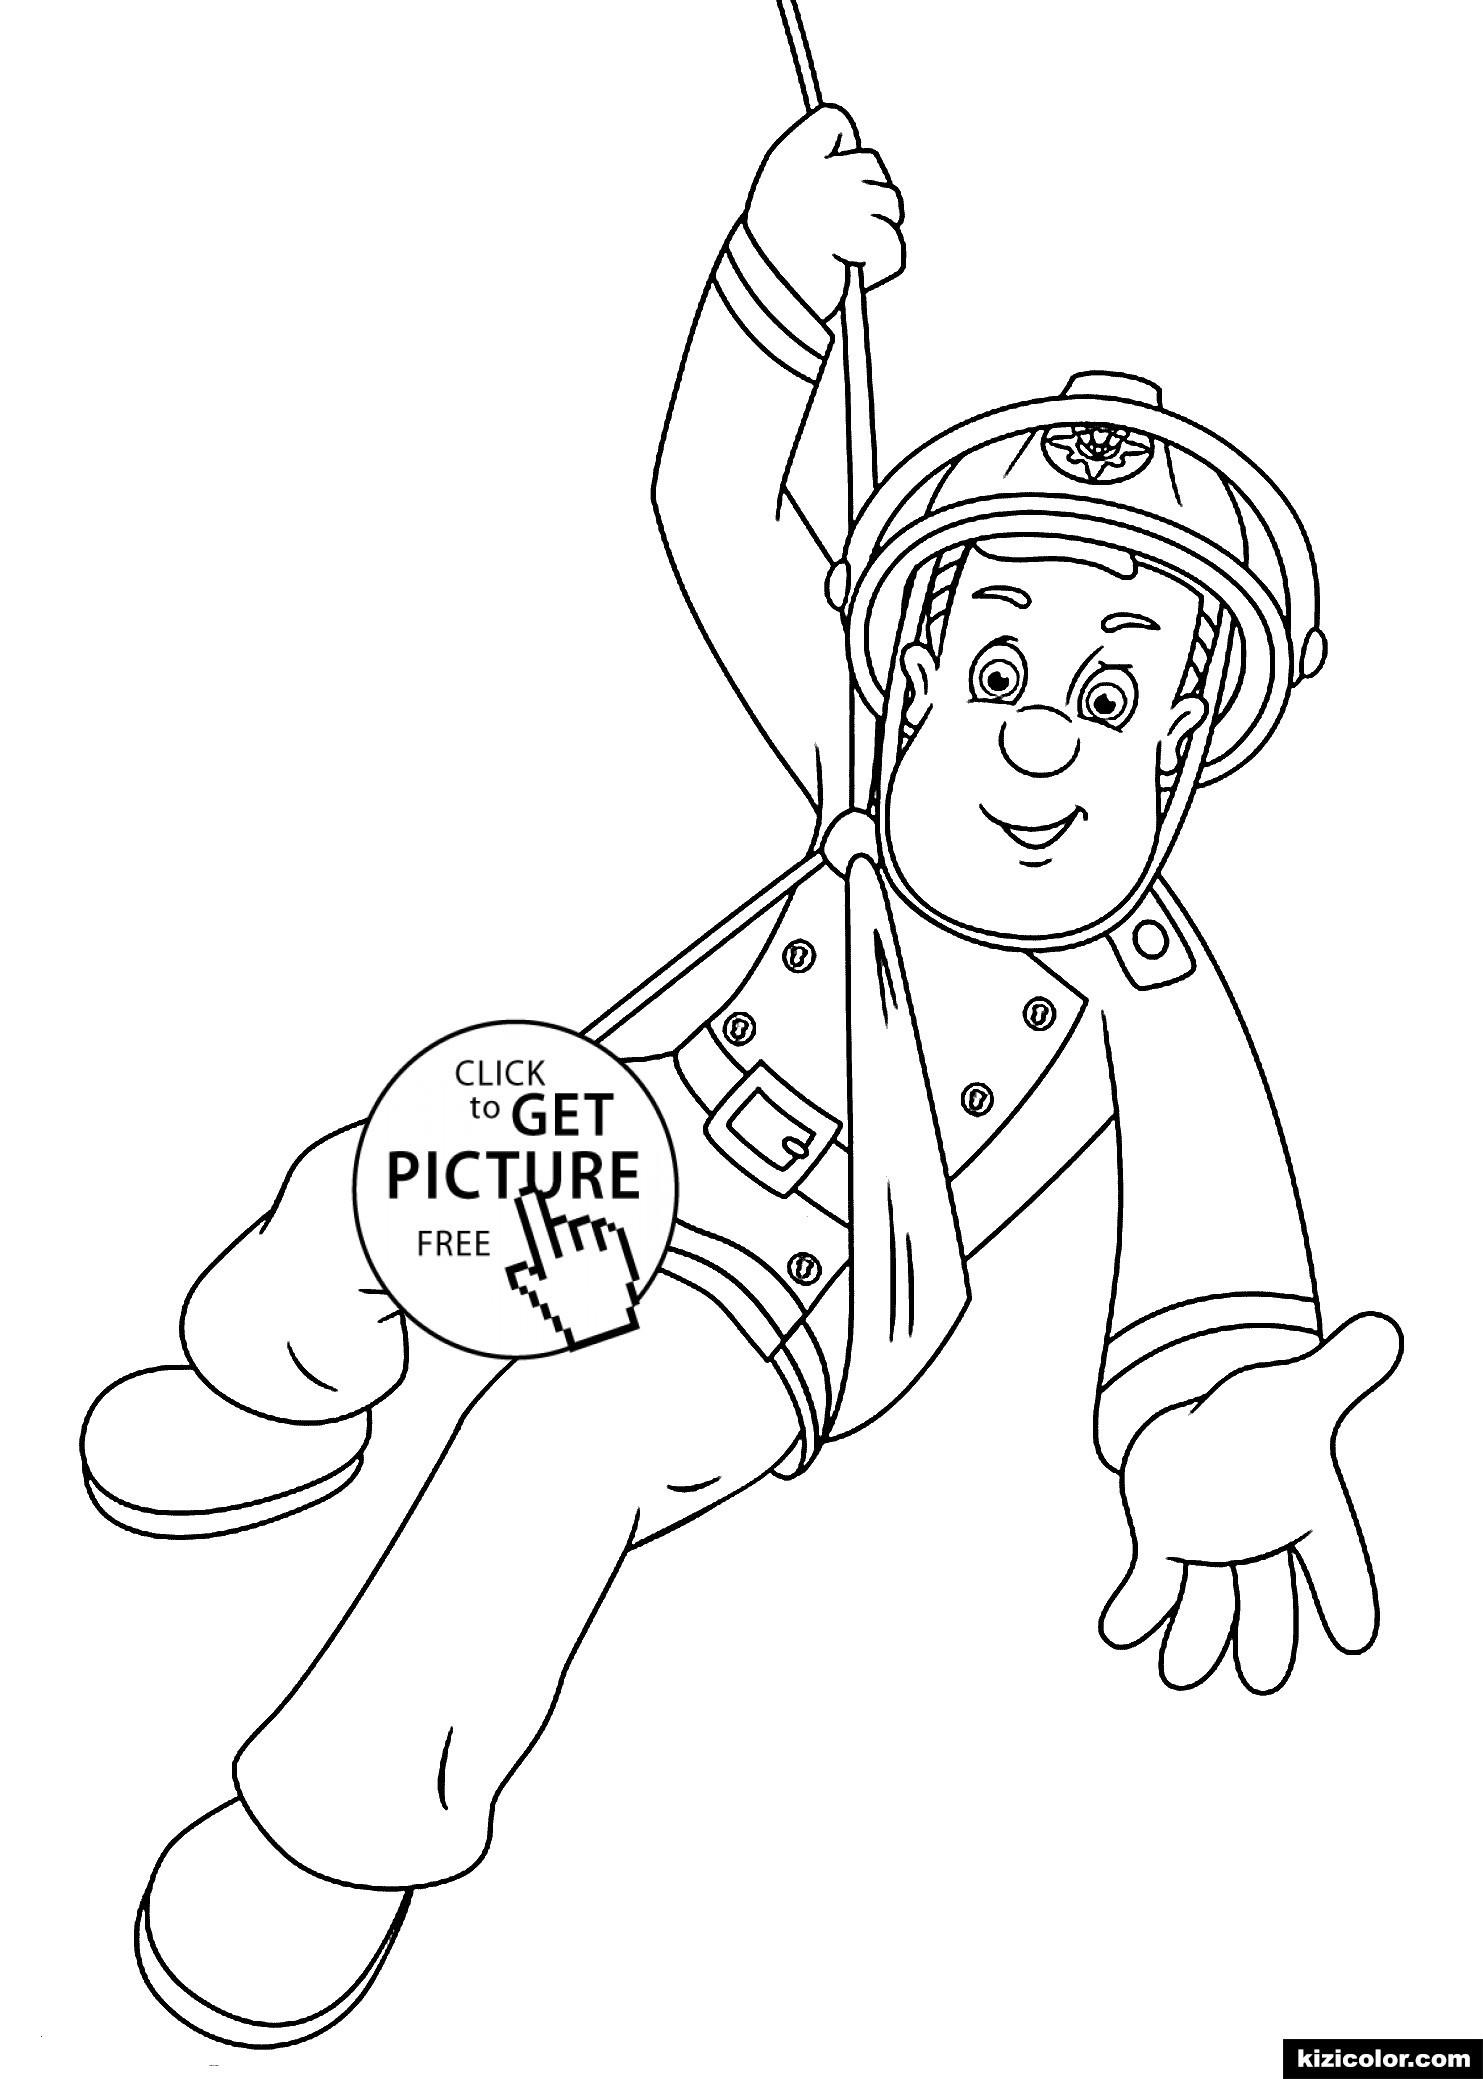 Feuerwehrmann Sam Ausmalbilder Zum Ausdrucken Das Beste Von Feuerwehrmann Sam Malvorlagen Für Print Für Kinder Inspirierend Galerie